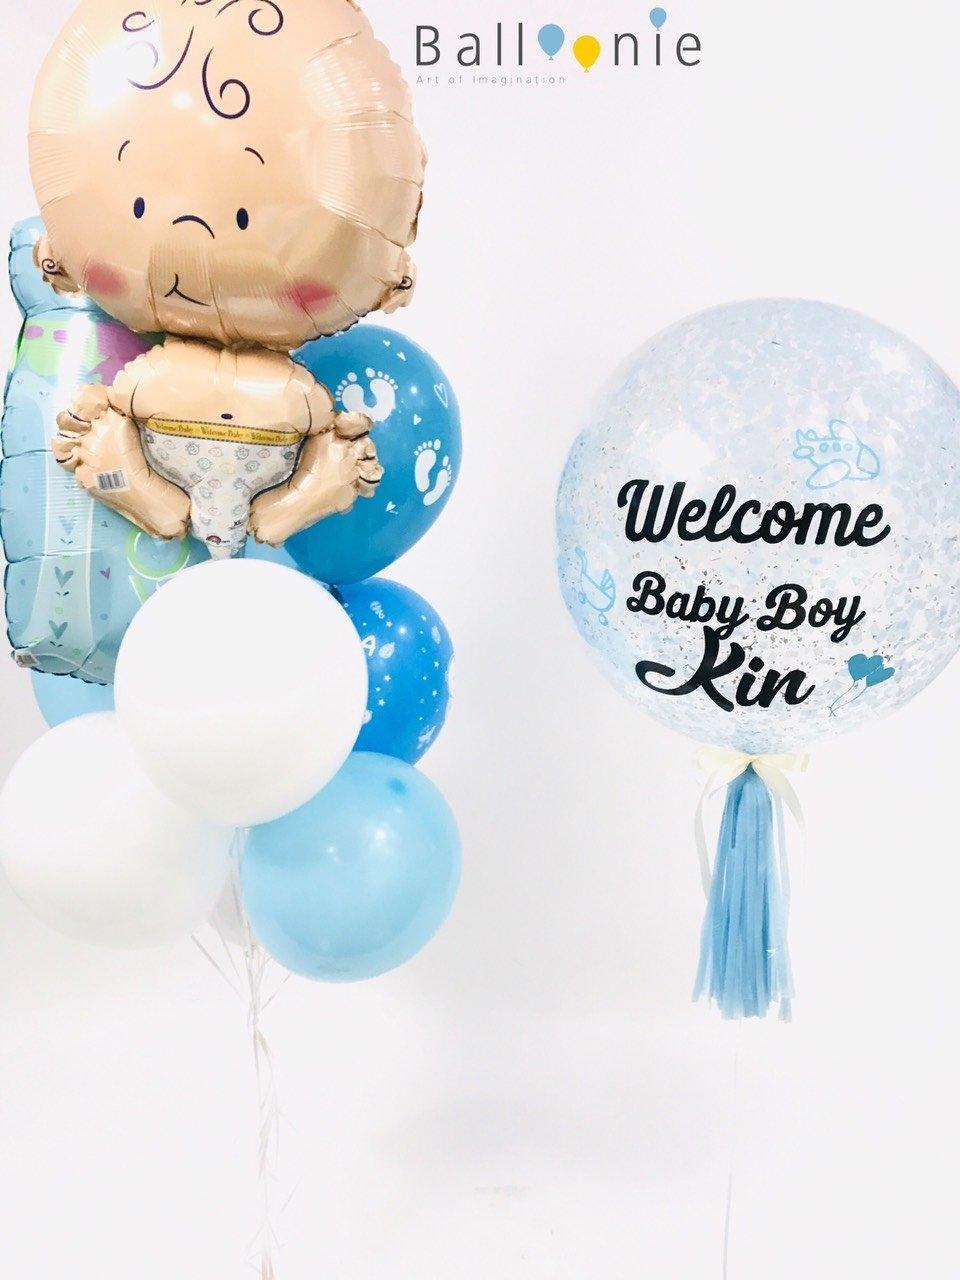 ลูกโป่งเด็กแรกเกิด Welcome baby Boy 01